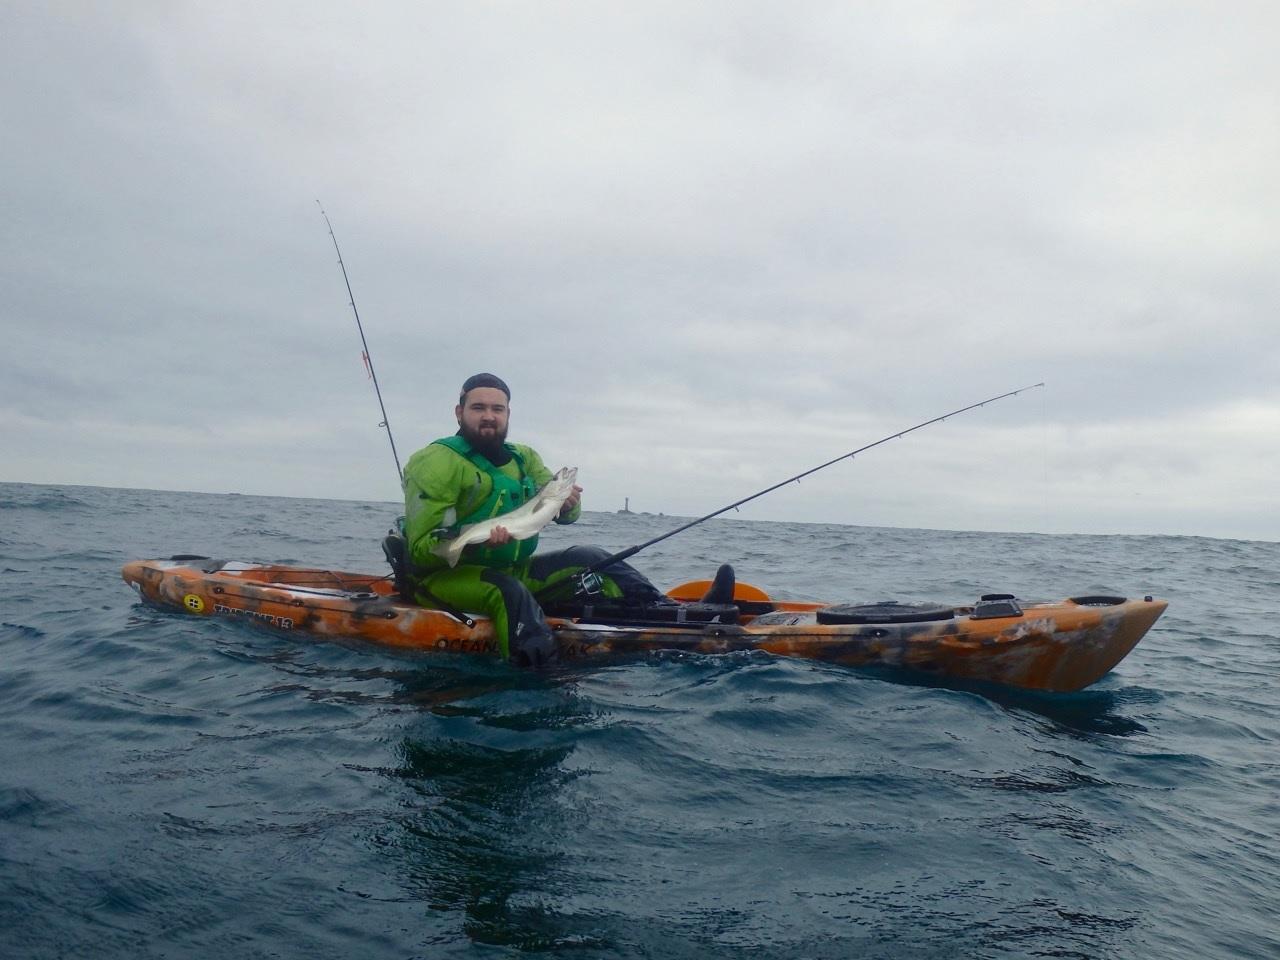 Ocean Kayak Trident 13 Angler | Sit on Top Kayaks